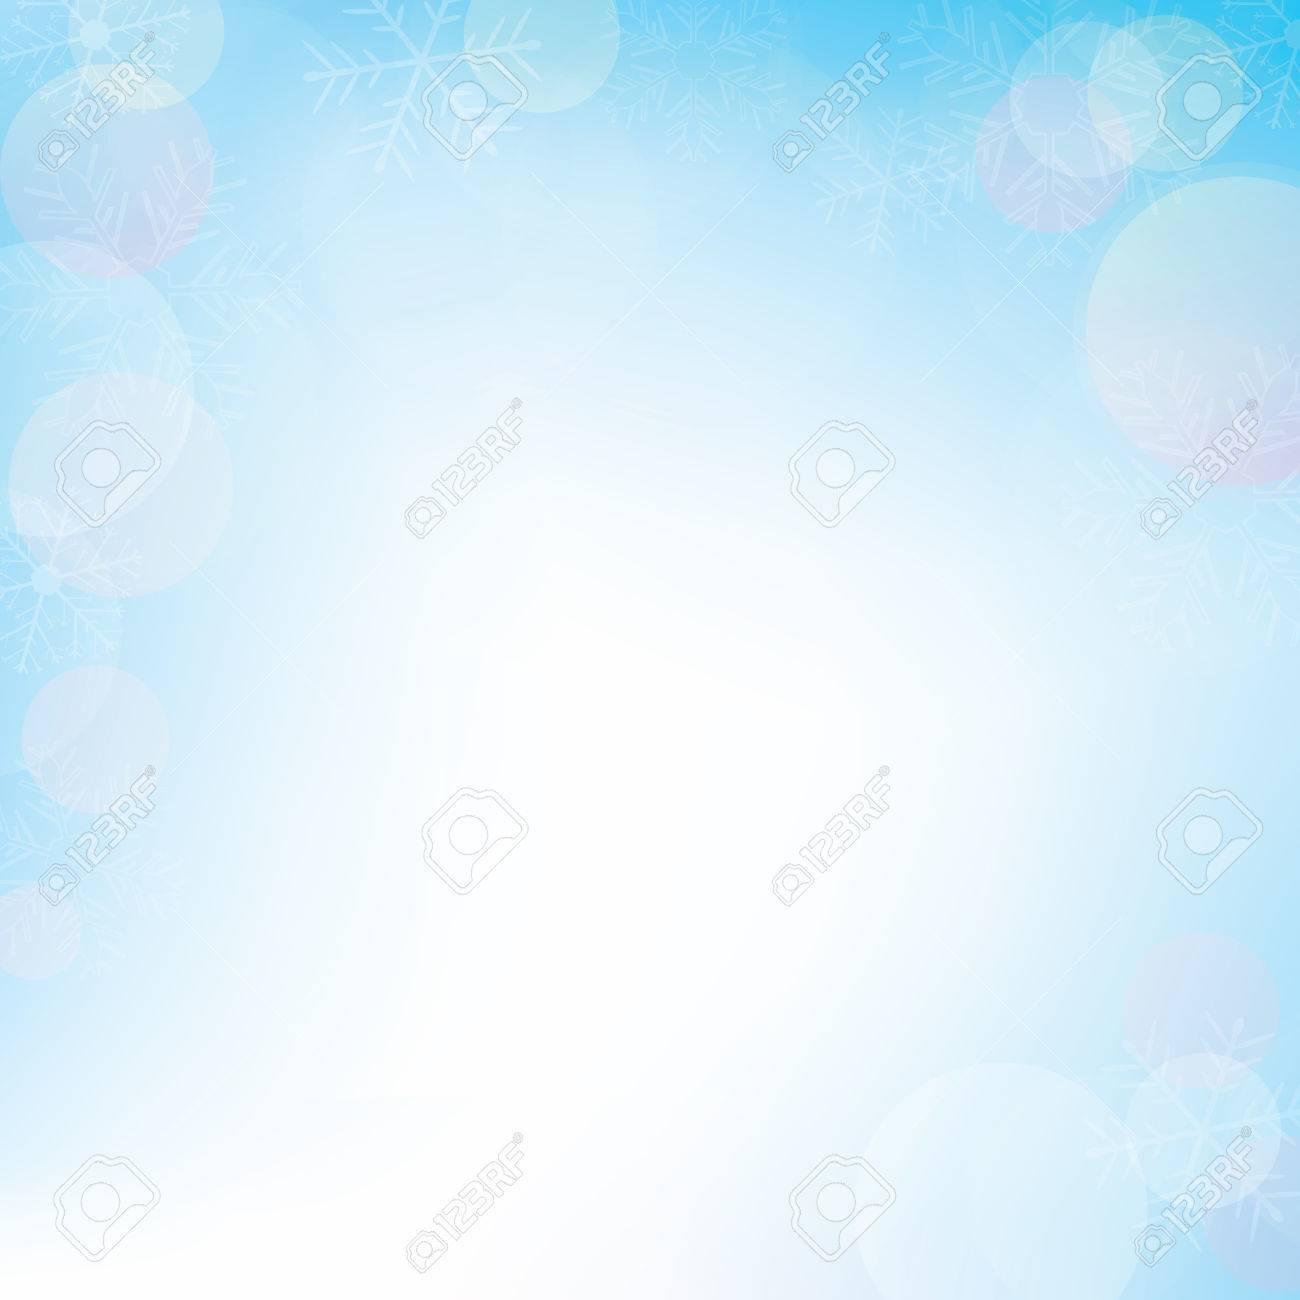 Winter bokeh background for christmas, vector illustration - 68098592